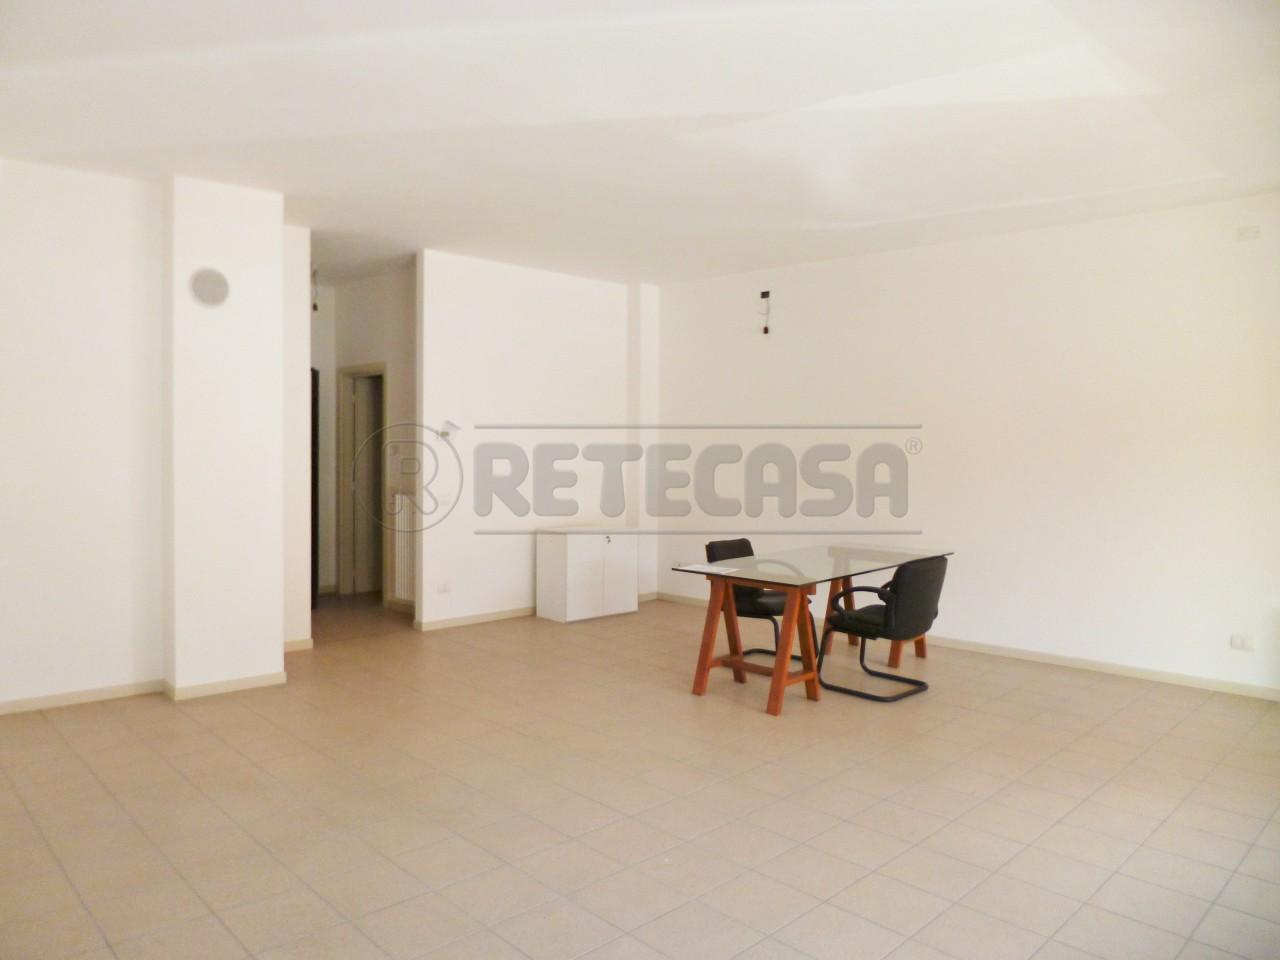 Negozio / Locale in vendita a Chiampo, 9999 locali, prezzo € 120.000 | Cambio Casa.it